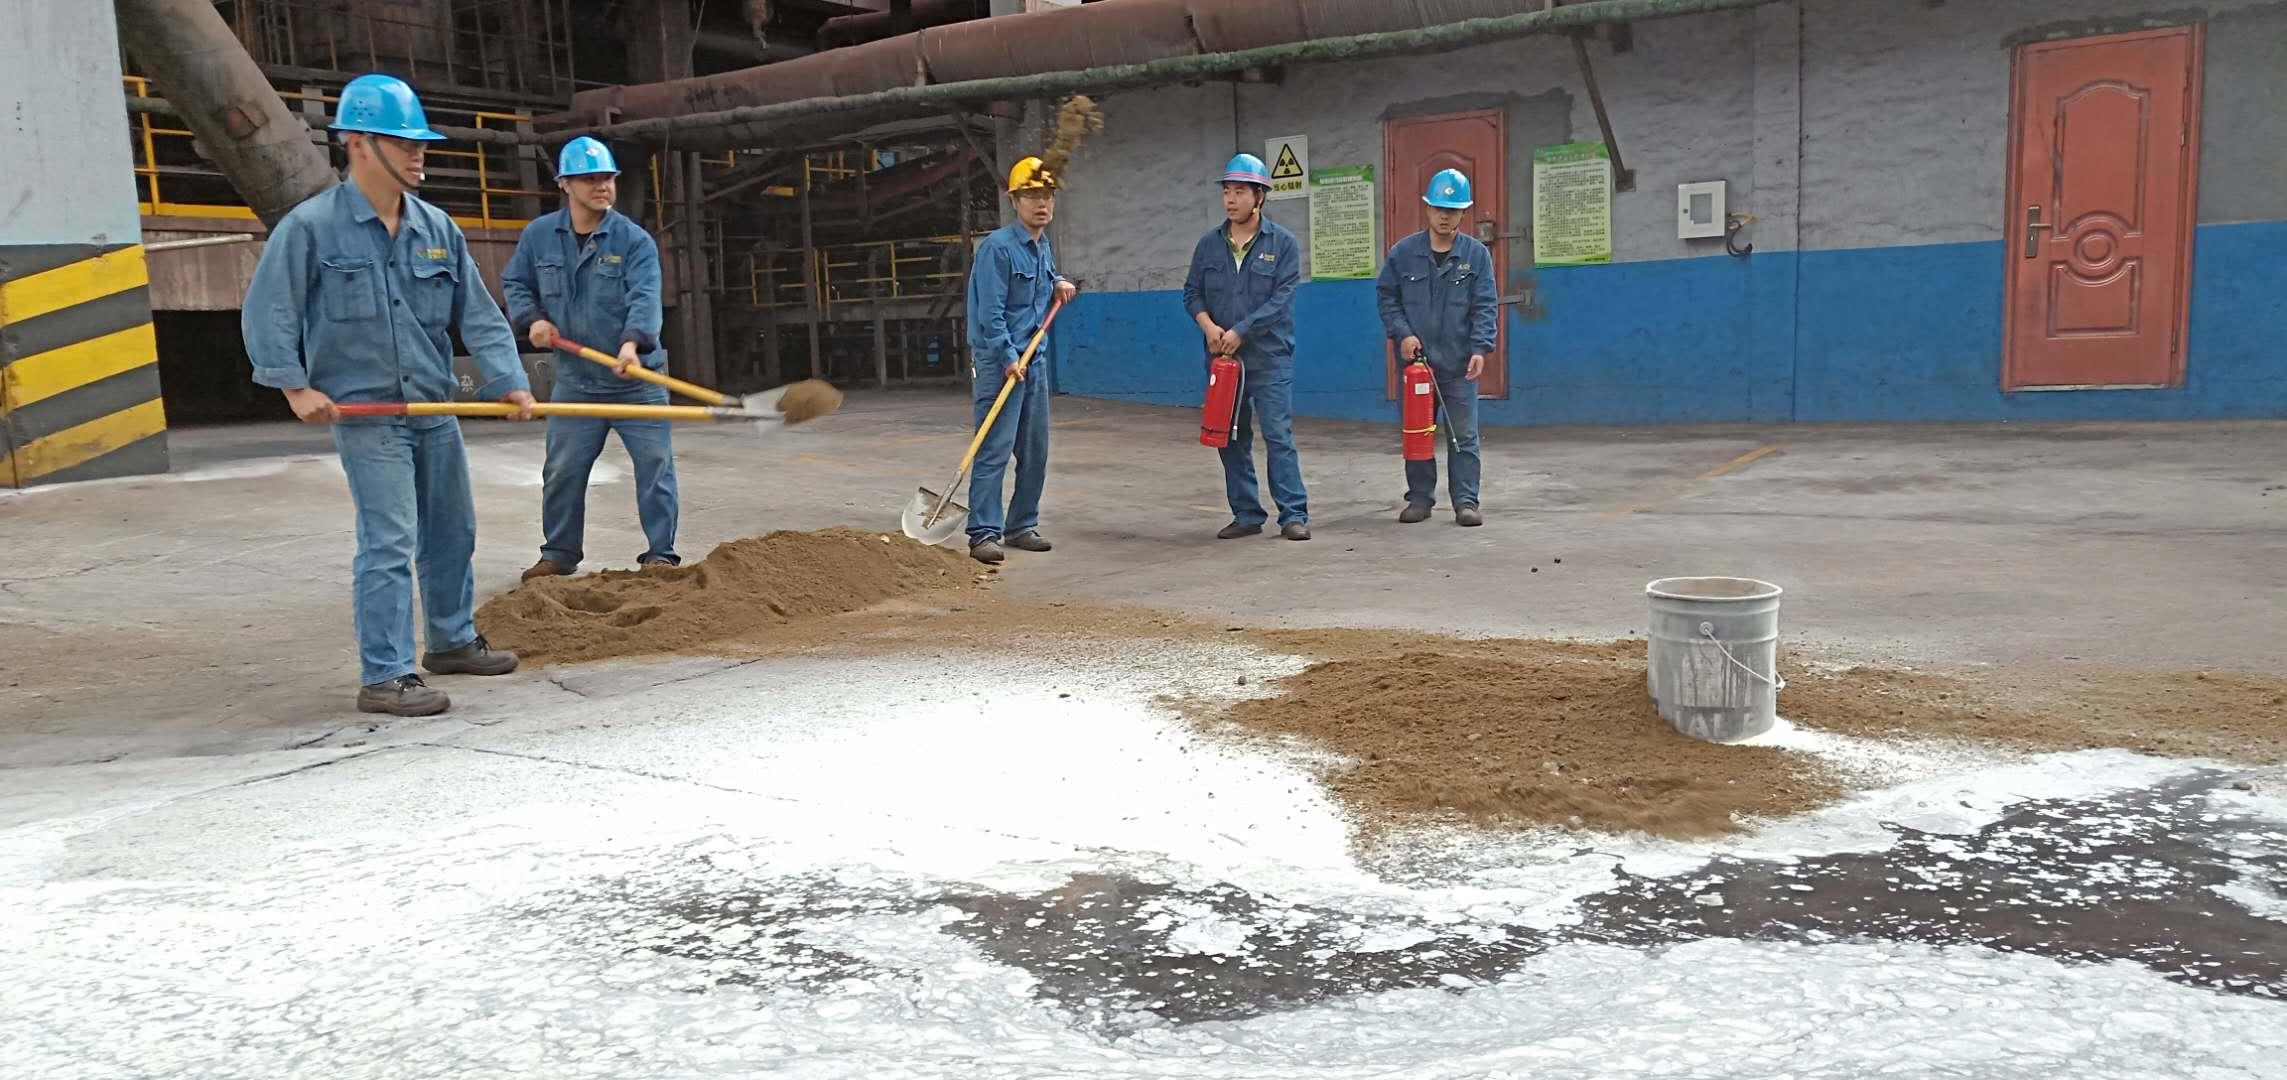 """【基层动态】炼铁厂在应急管理月中扎实开展""""应急演练"""""""